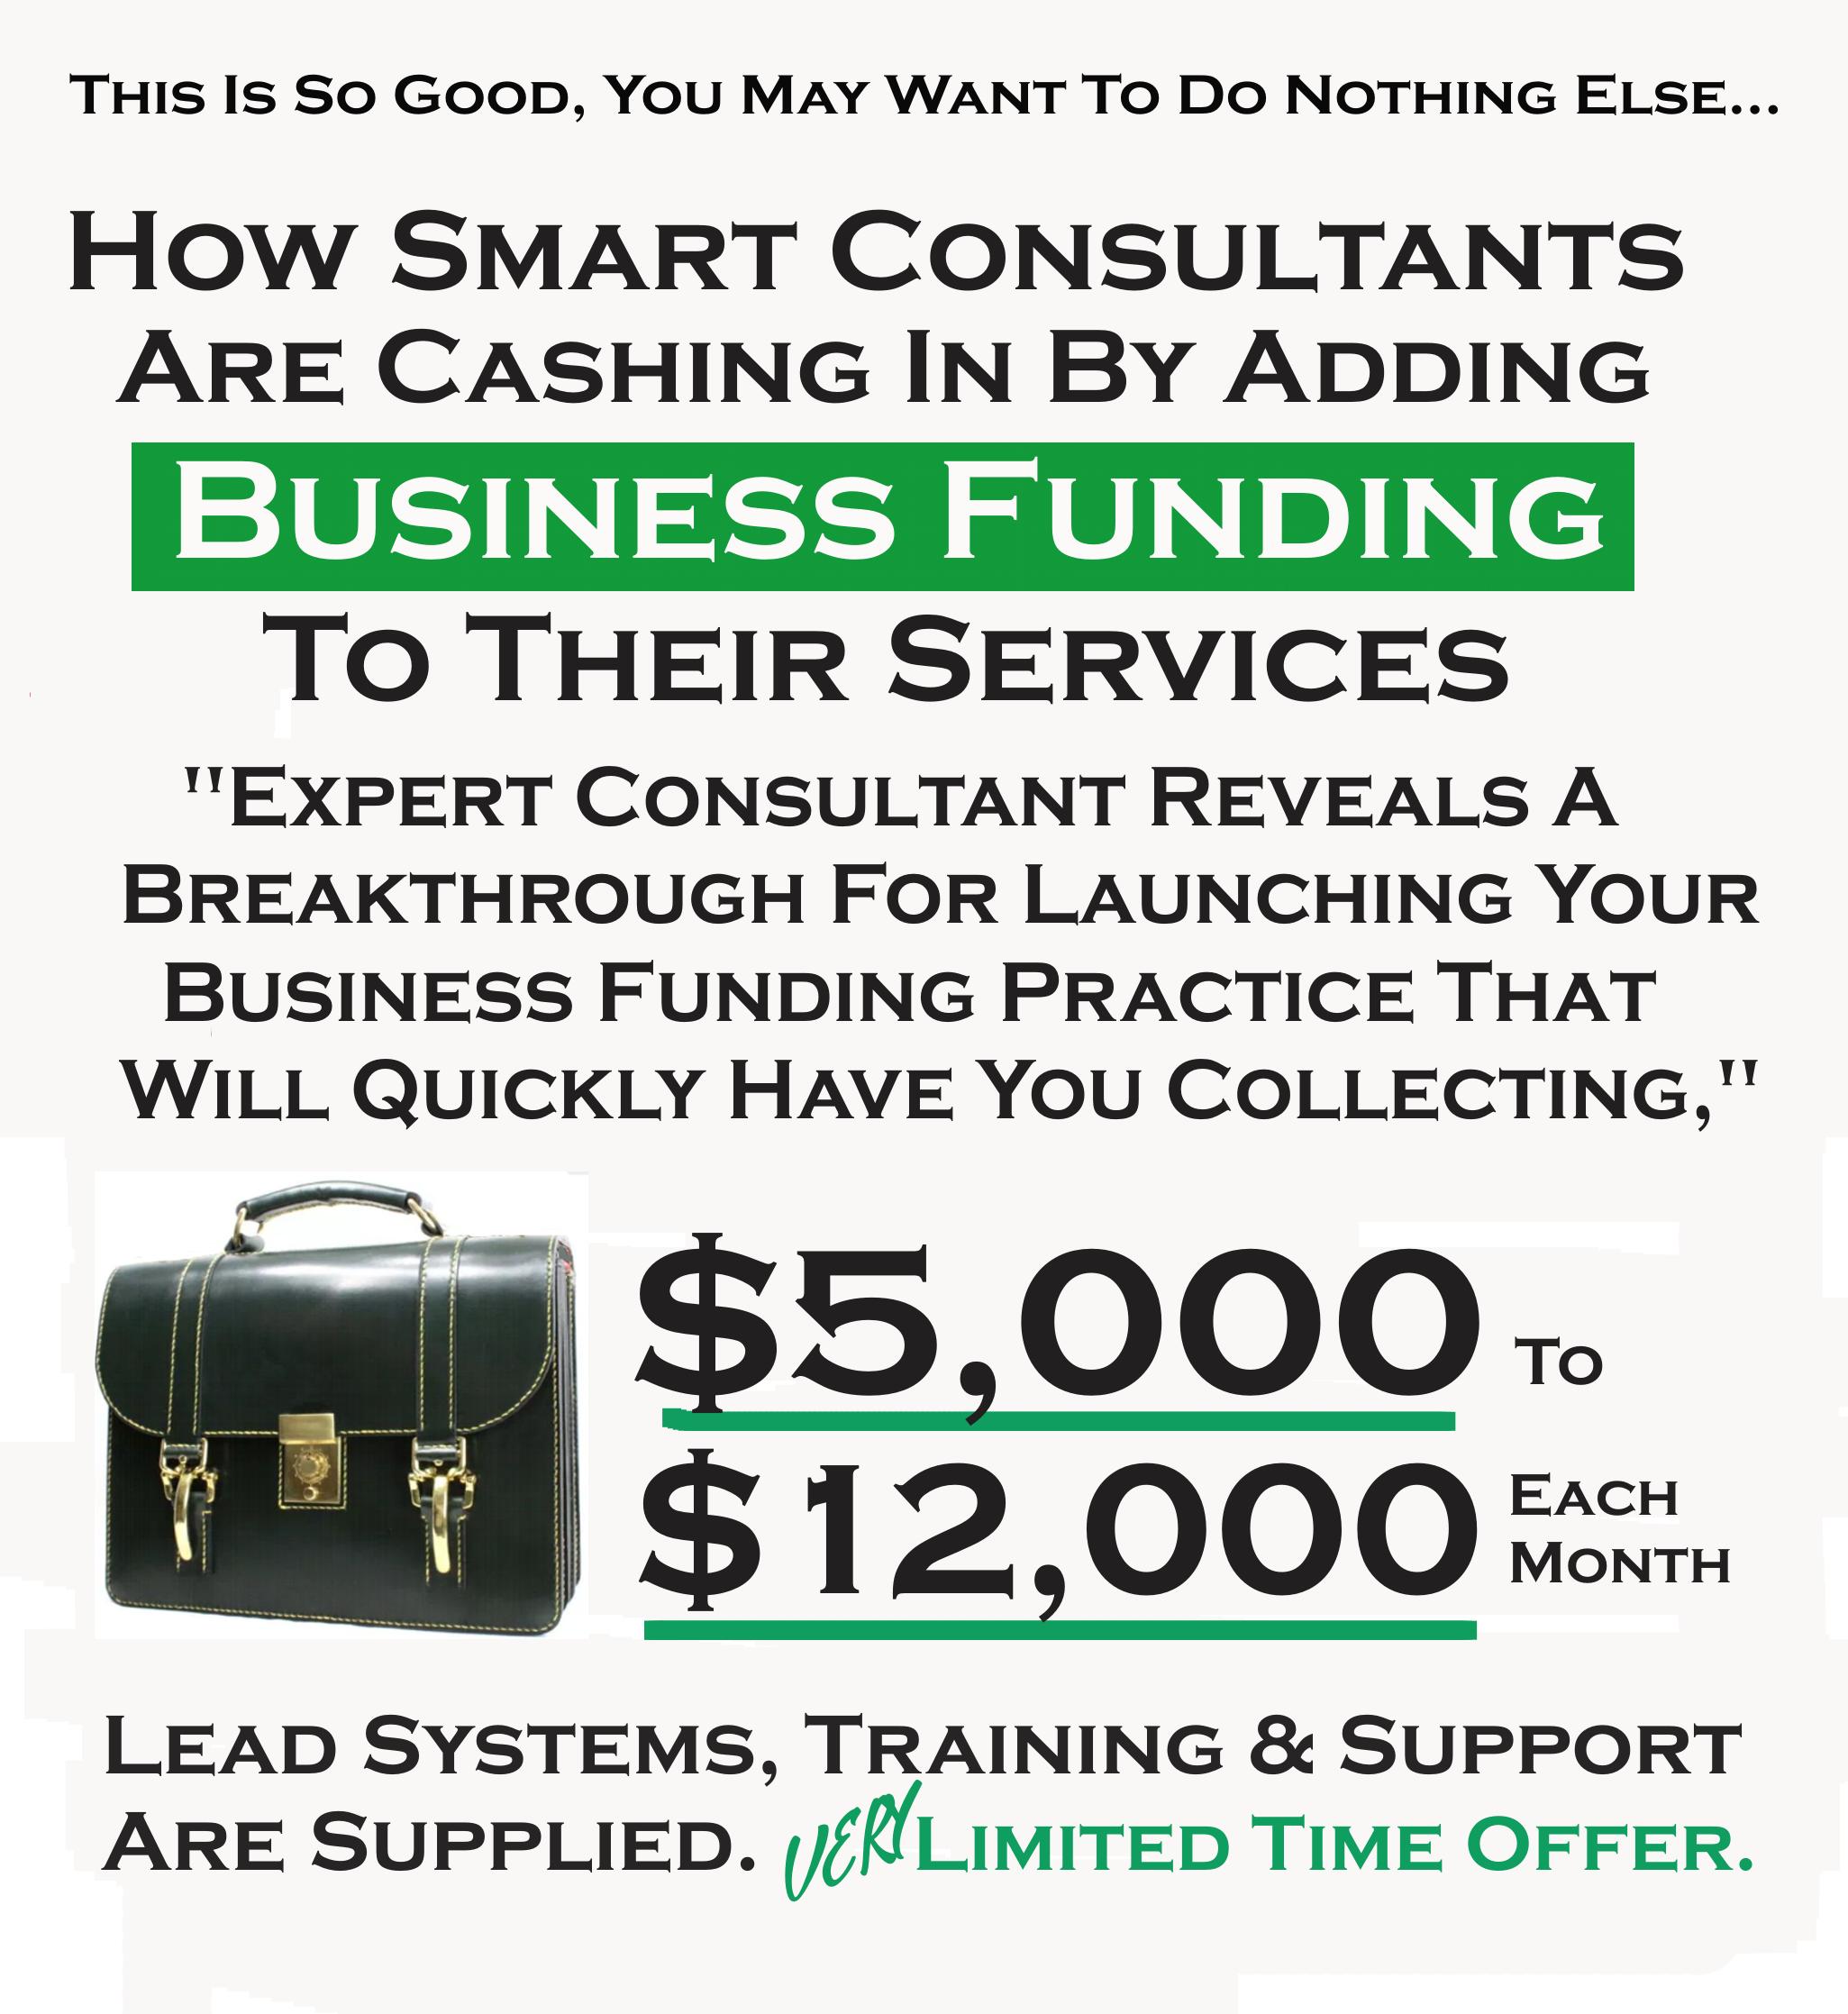 专家揭示了一个突破及启动你的小企业融资实战培训教程,将很快让你收集到每月00美元到000美元!(Local Freelance Funding Formula)